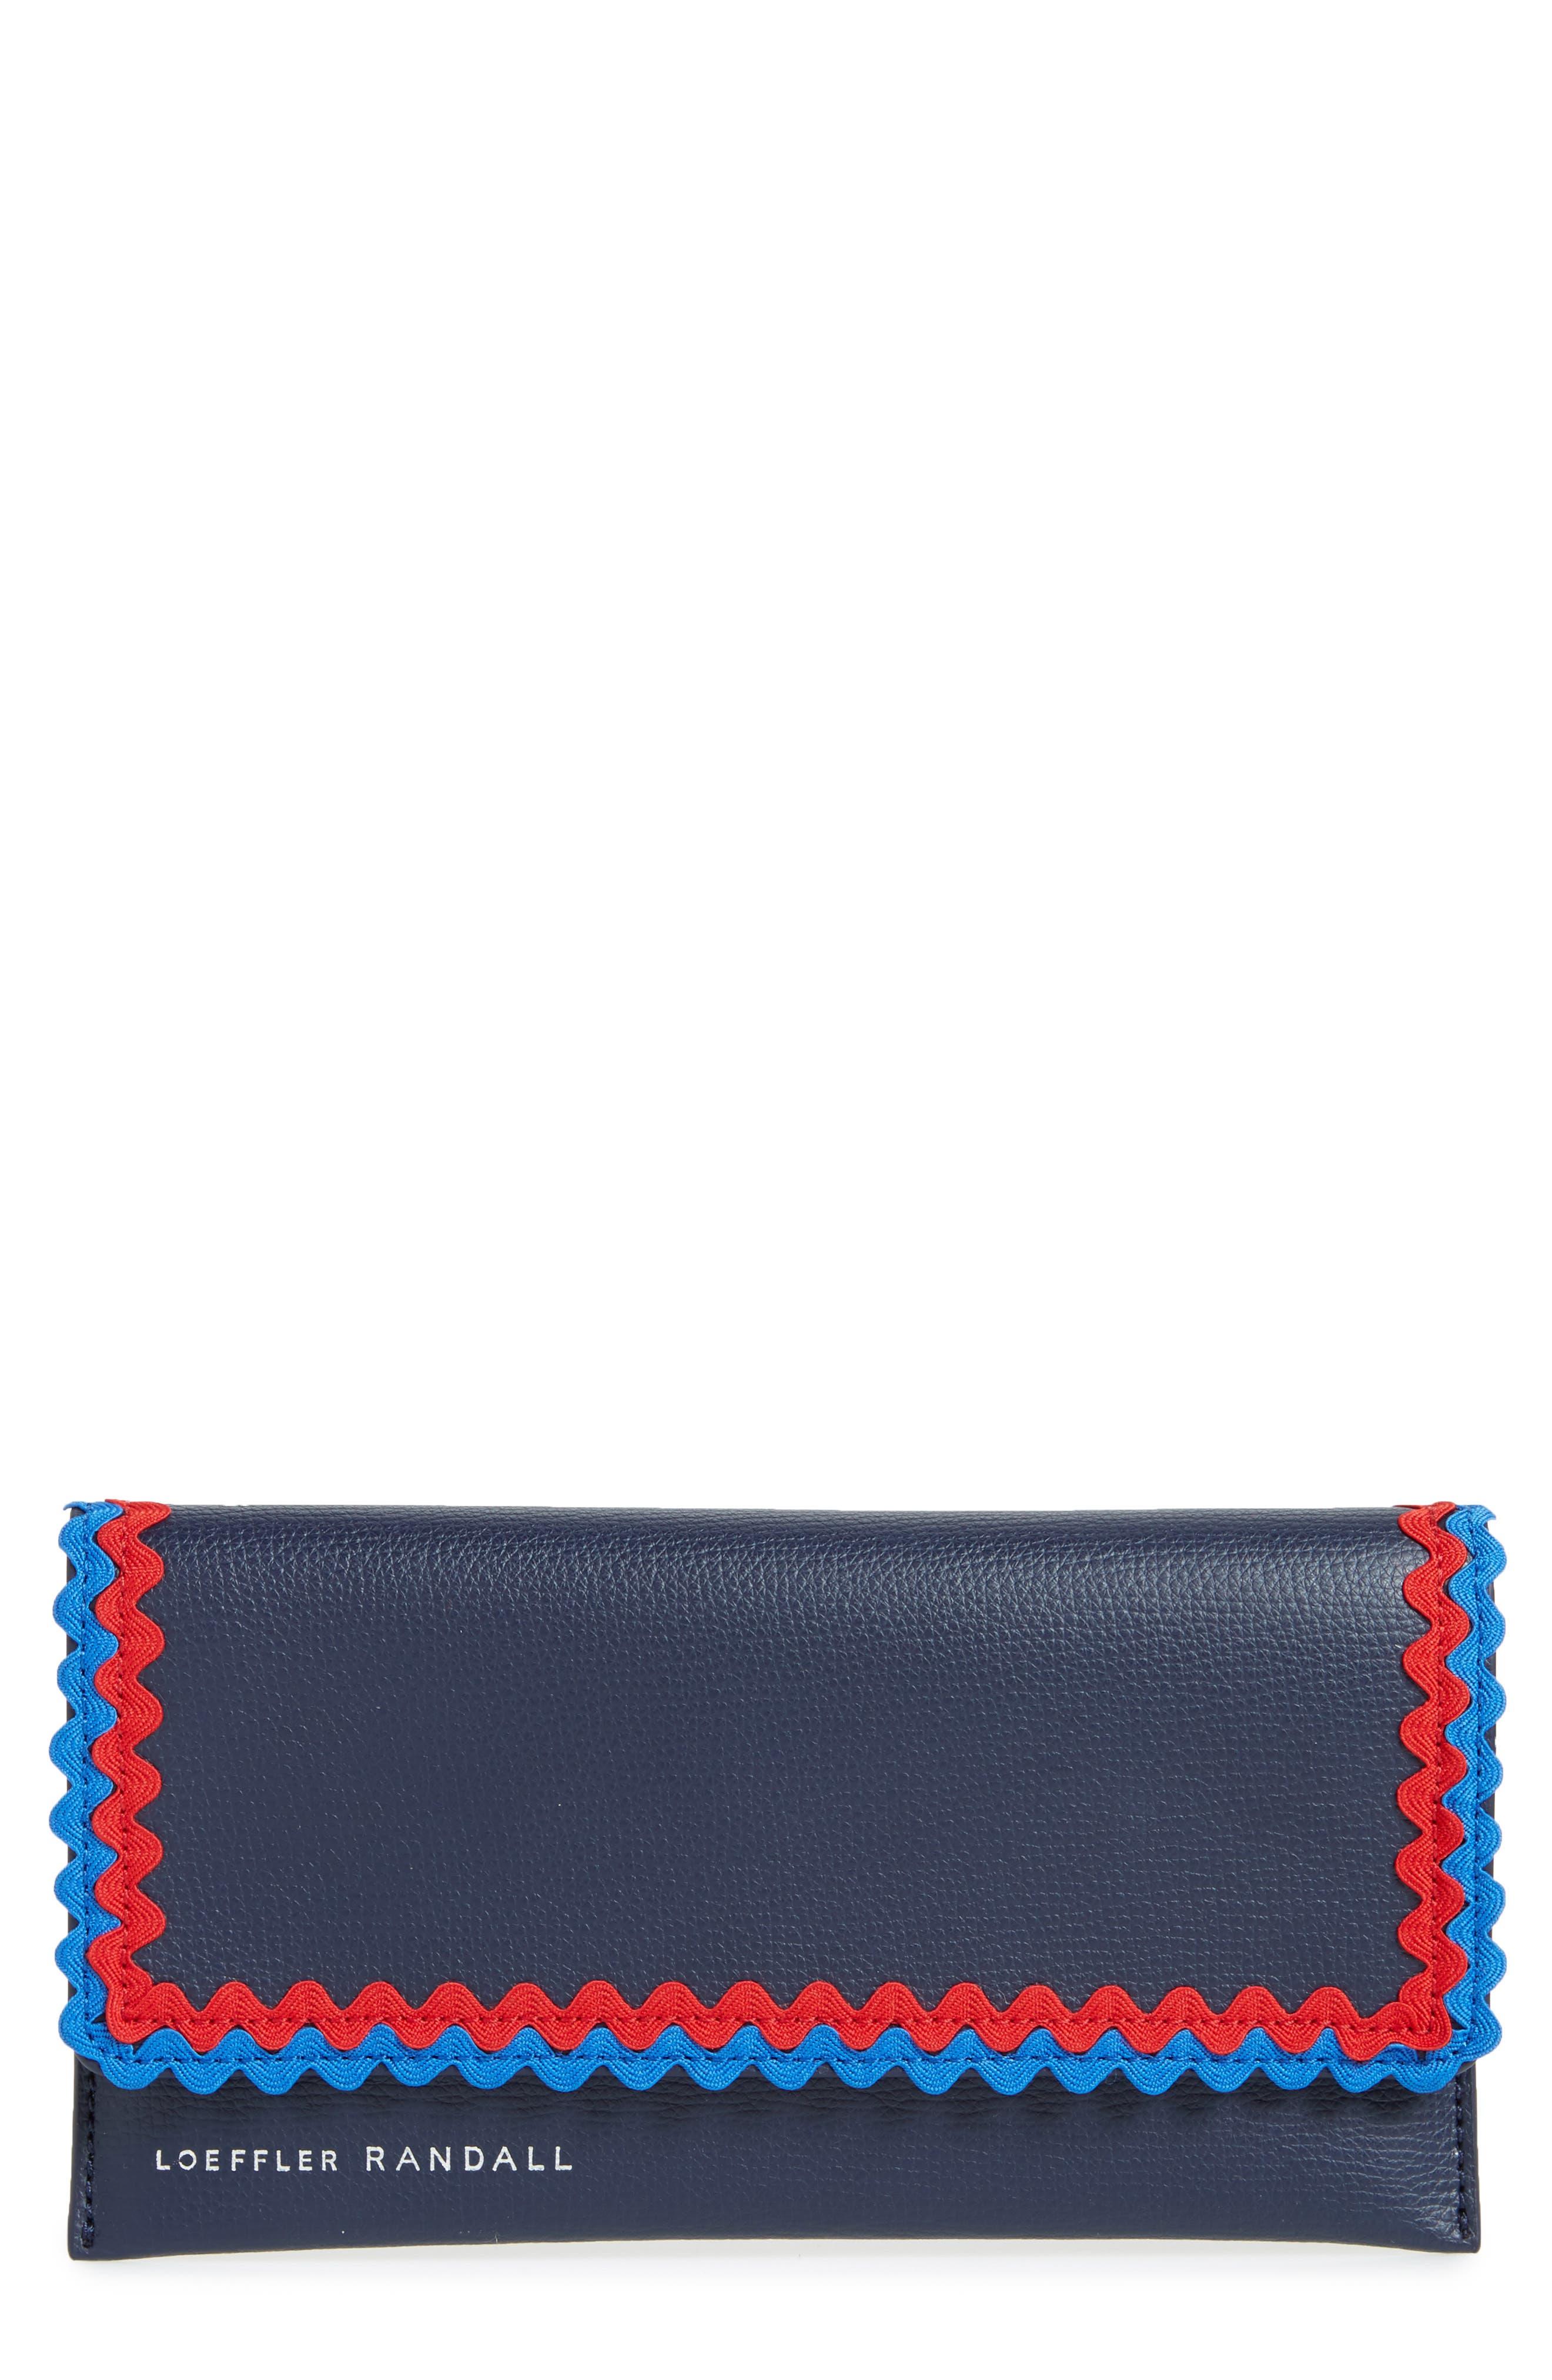 Main Image - Loeffler Randall Eveything Embellished Leather Wallet